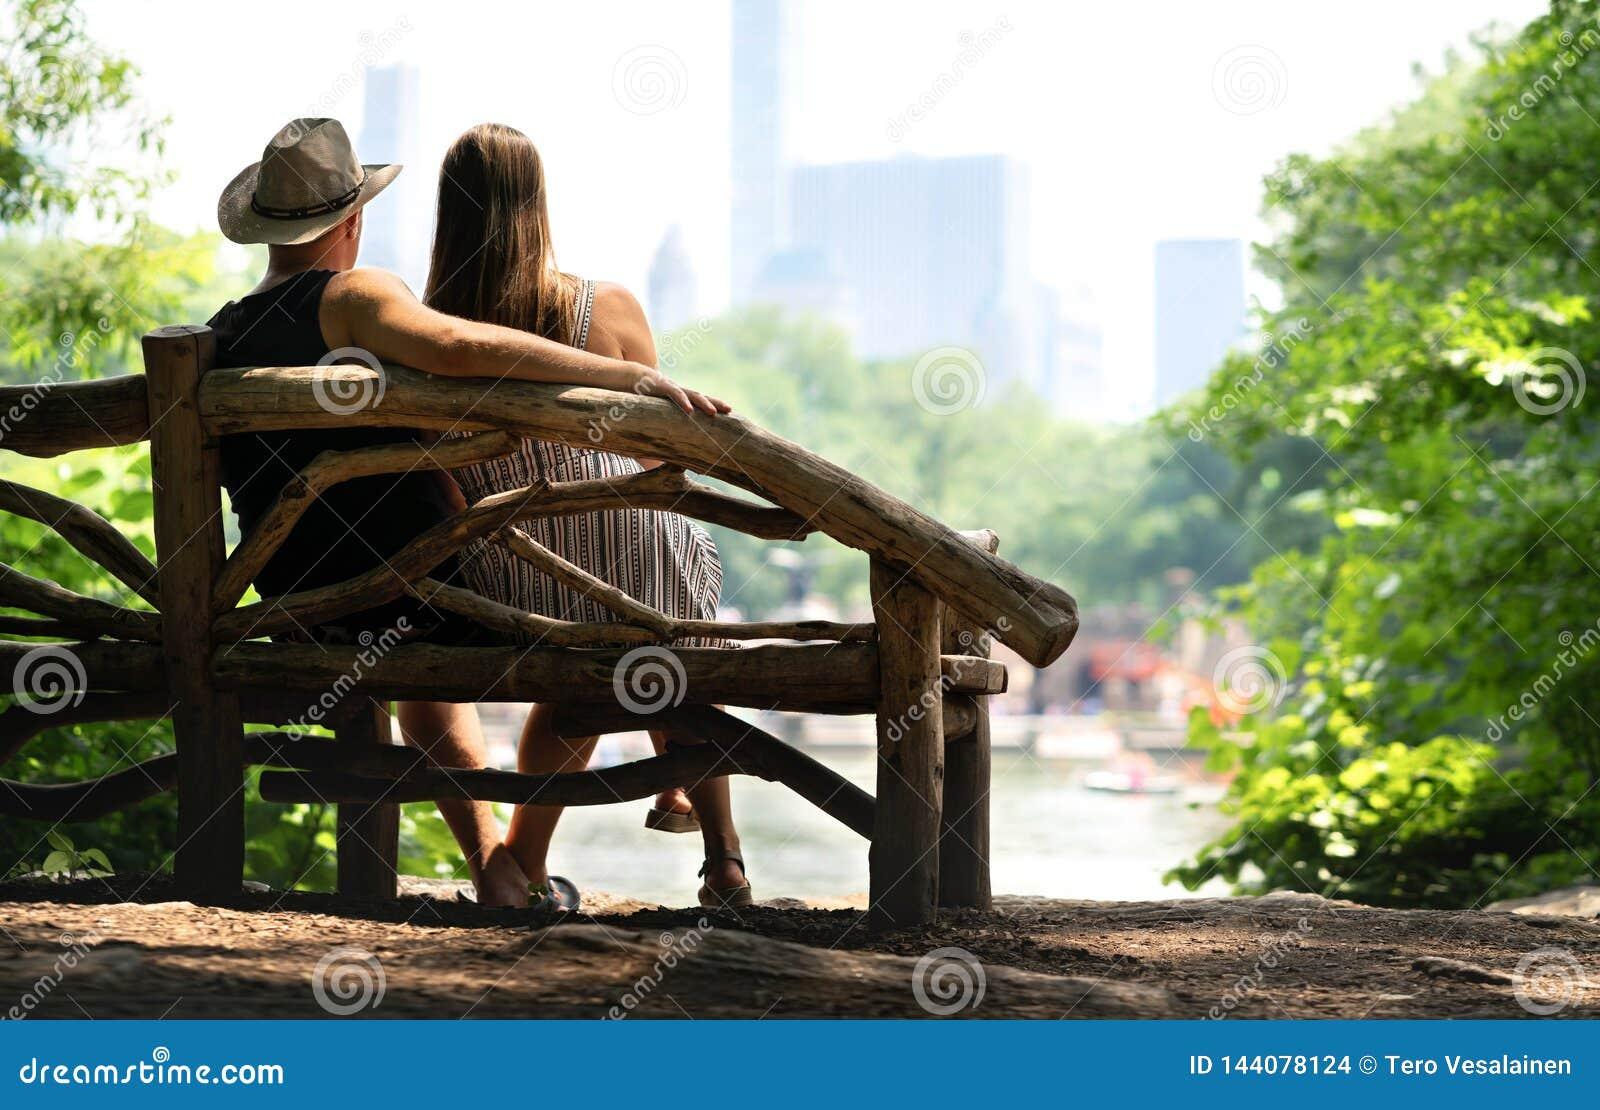 Dobiera się obsiadanie na parkowej ławce i mieć romantyczną pierwszy datę Kochankowie z romansem i zaufaniem